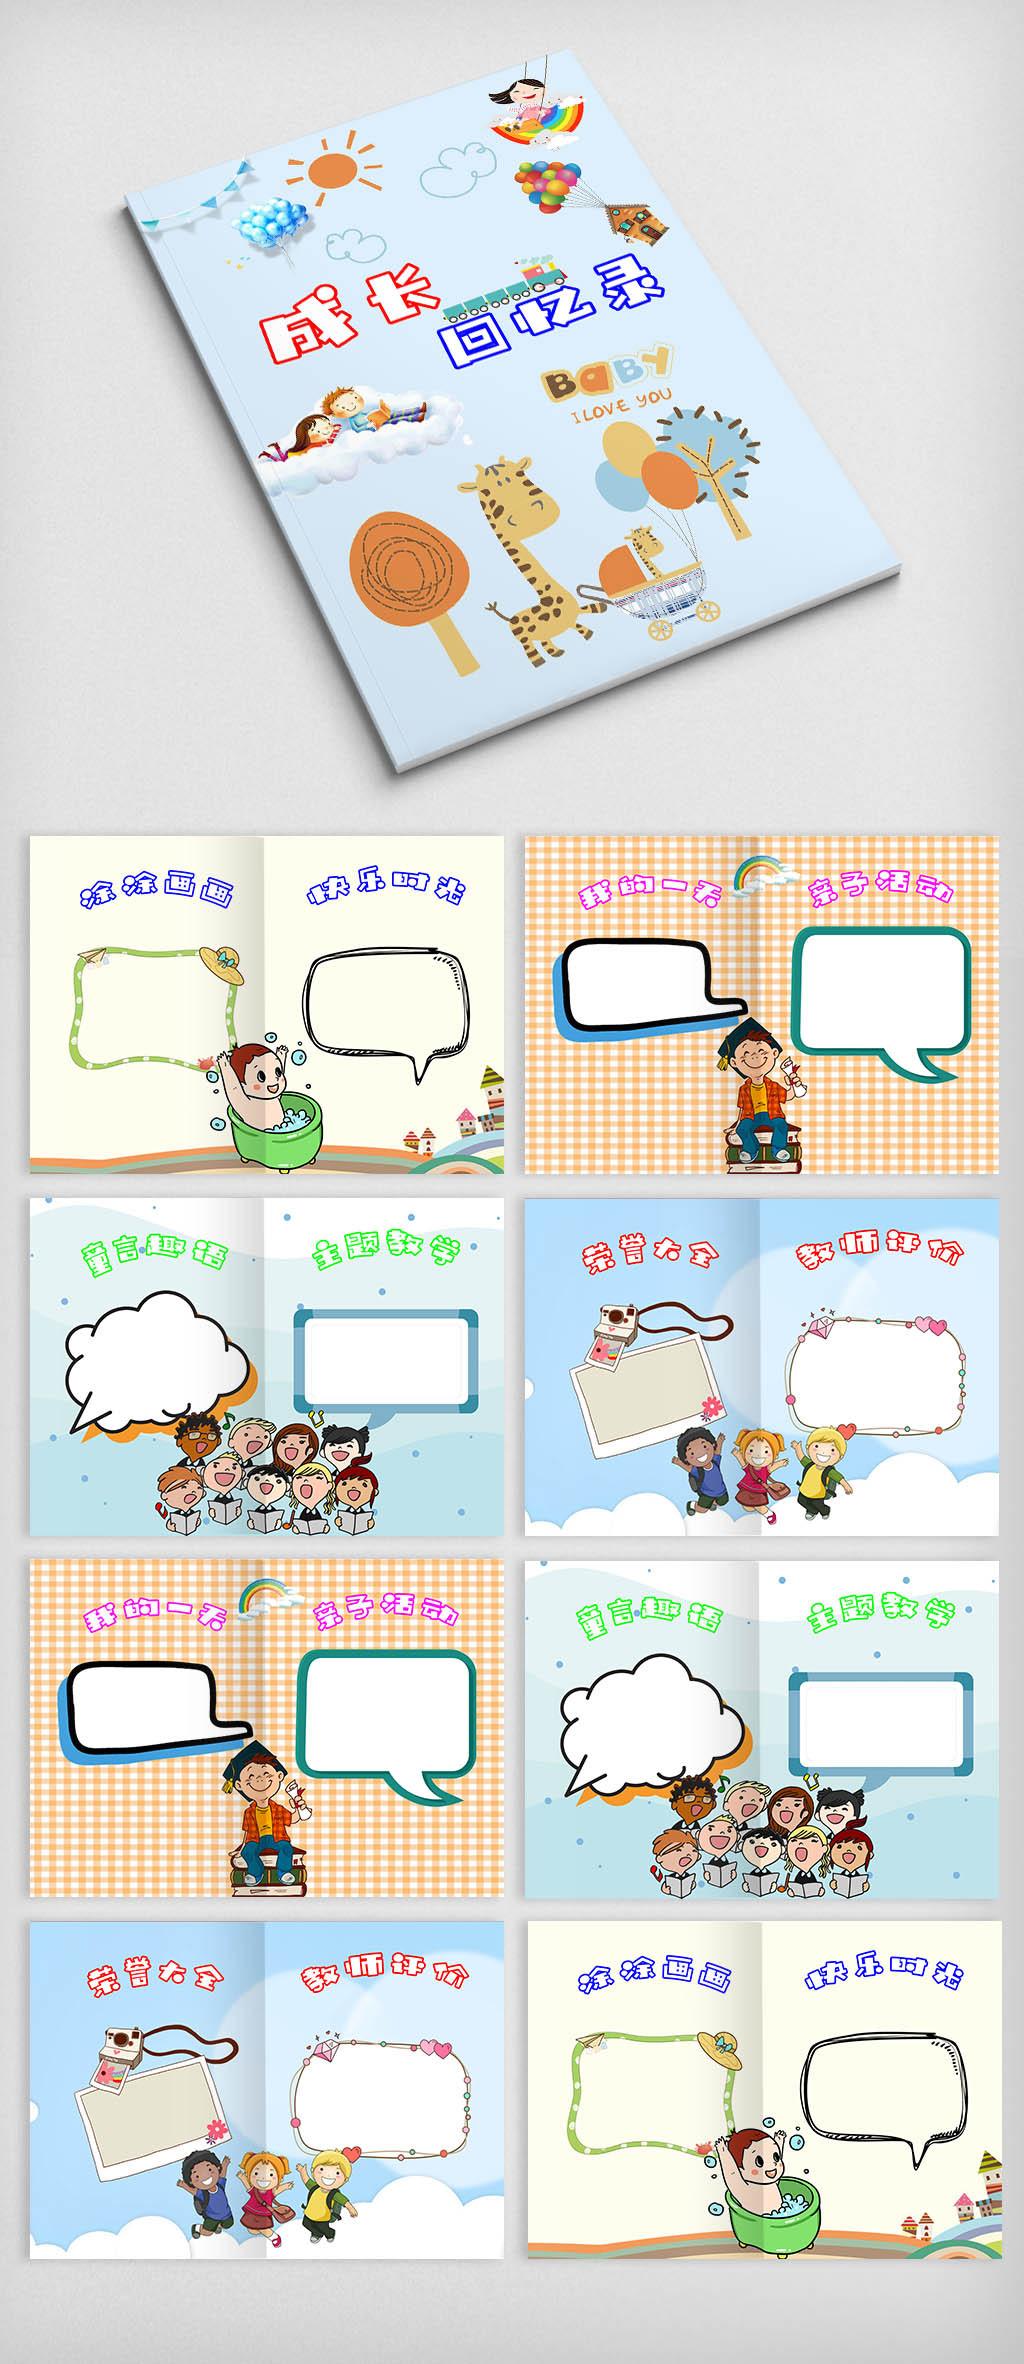 原创设计简单卡通幼儿园成长纪念册小升初成长档案